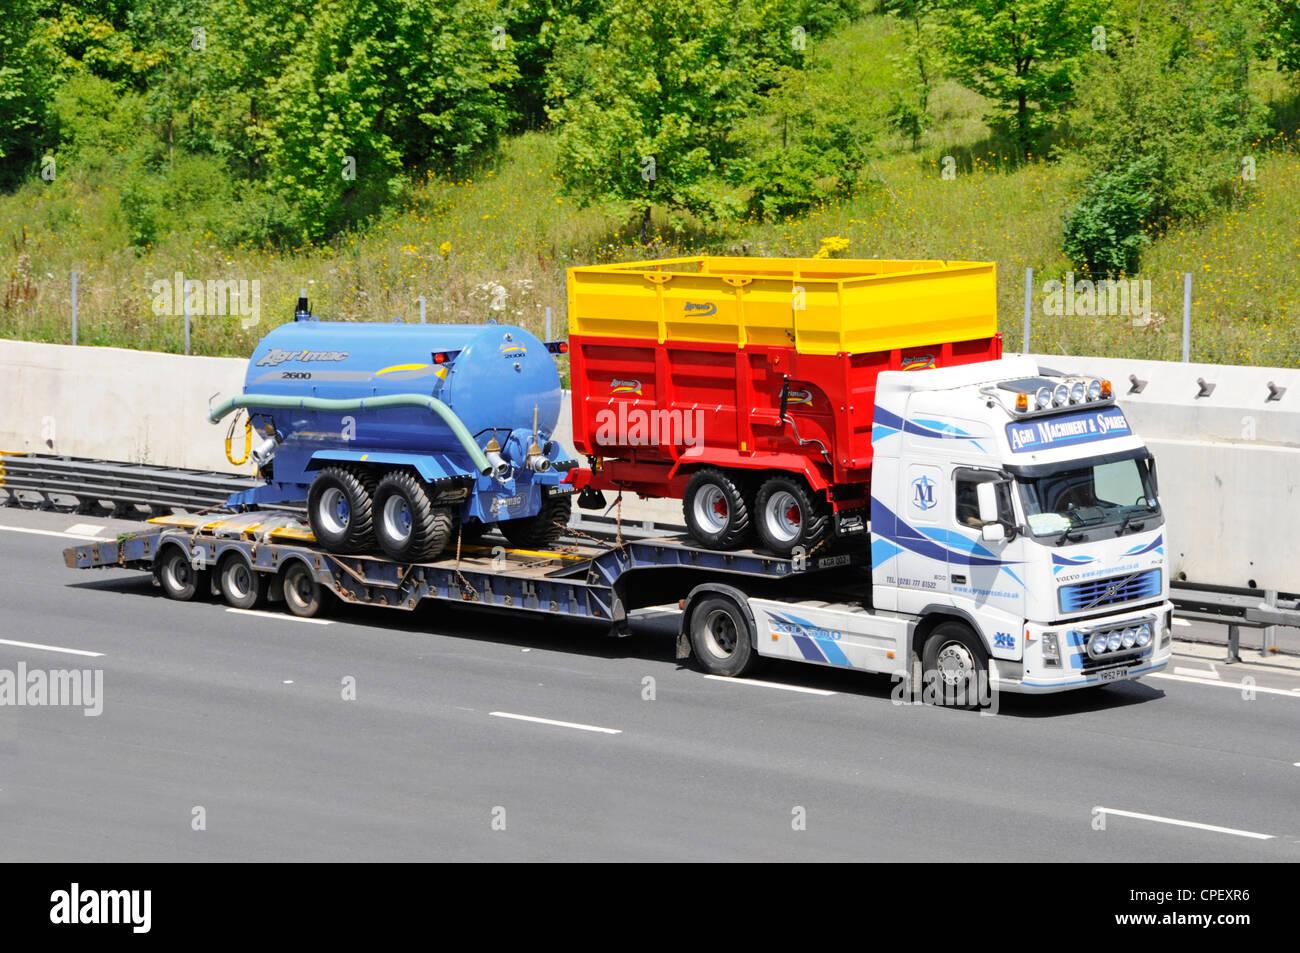 Caricatore basso e nuovo Agrimac farm equipment dietro un camion Volvo Immagini Stock